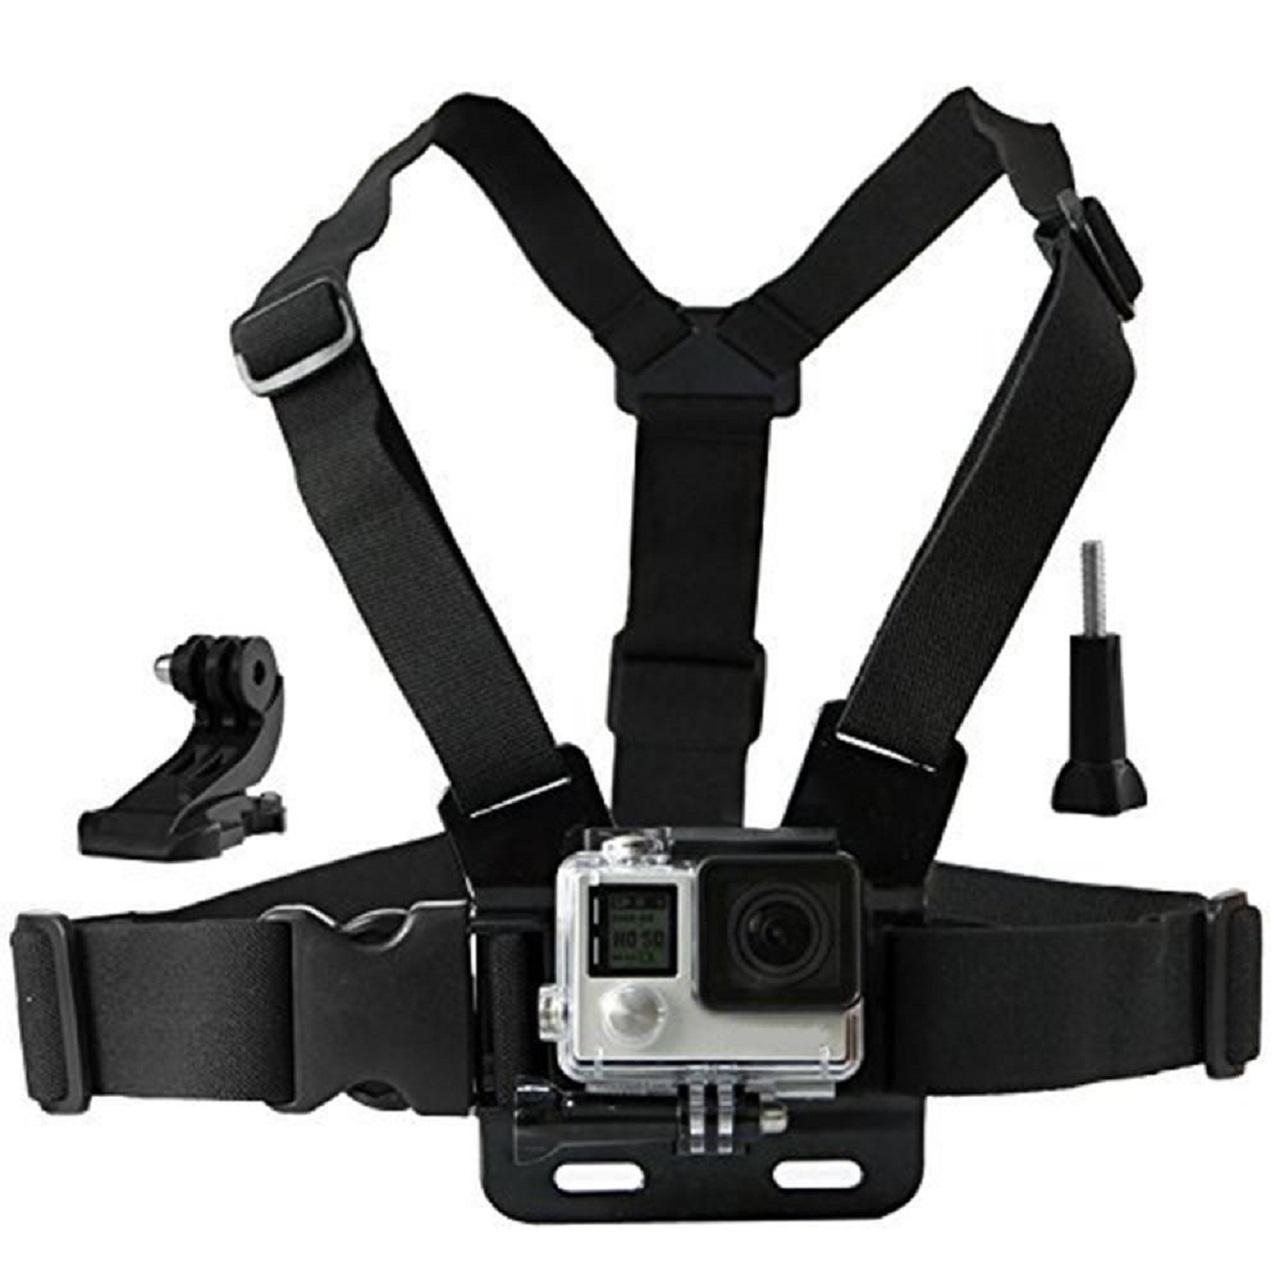 بررسی و {خرید با تخفیف}                                     پایه نگهدارنده گو مدل GP126 مناسب برای دوربین های ورزشی                             اصل